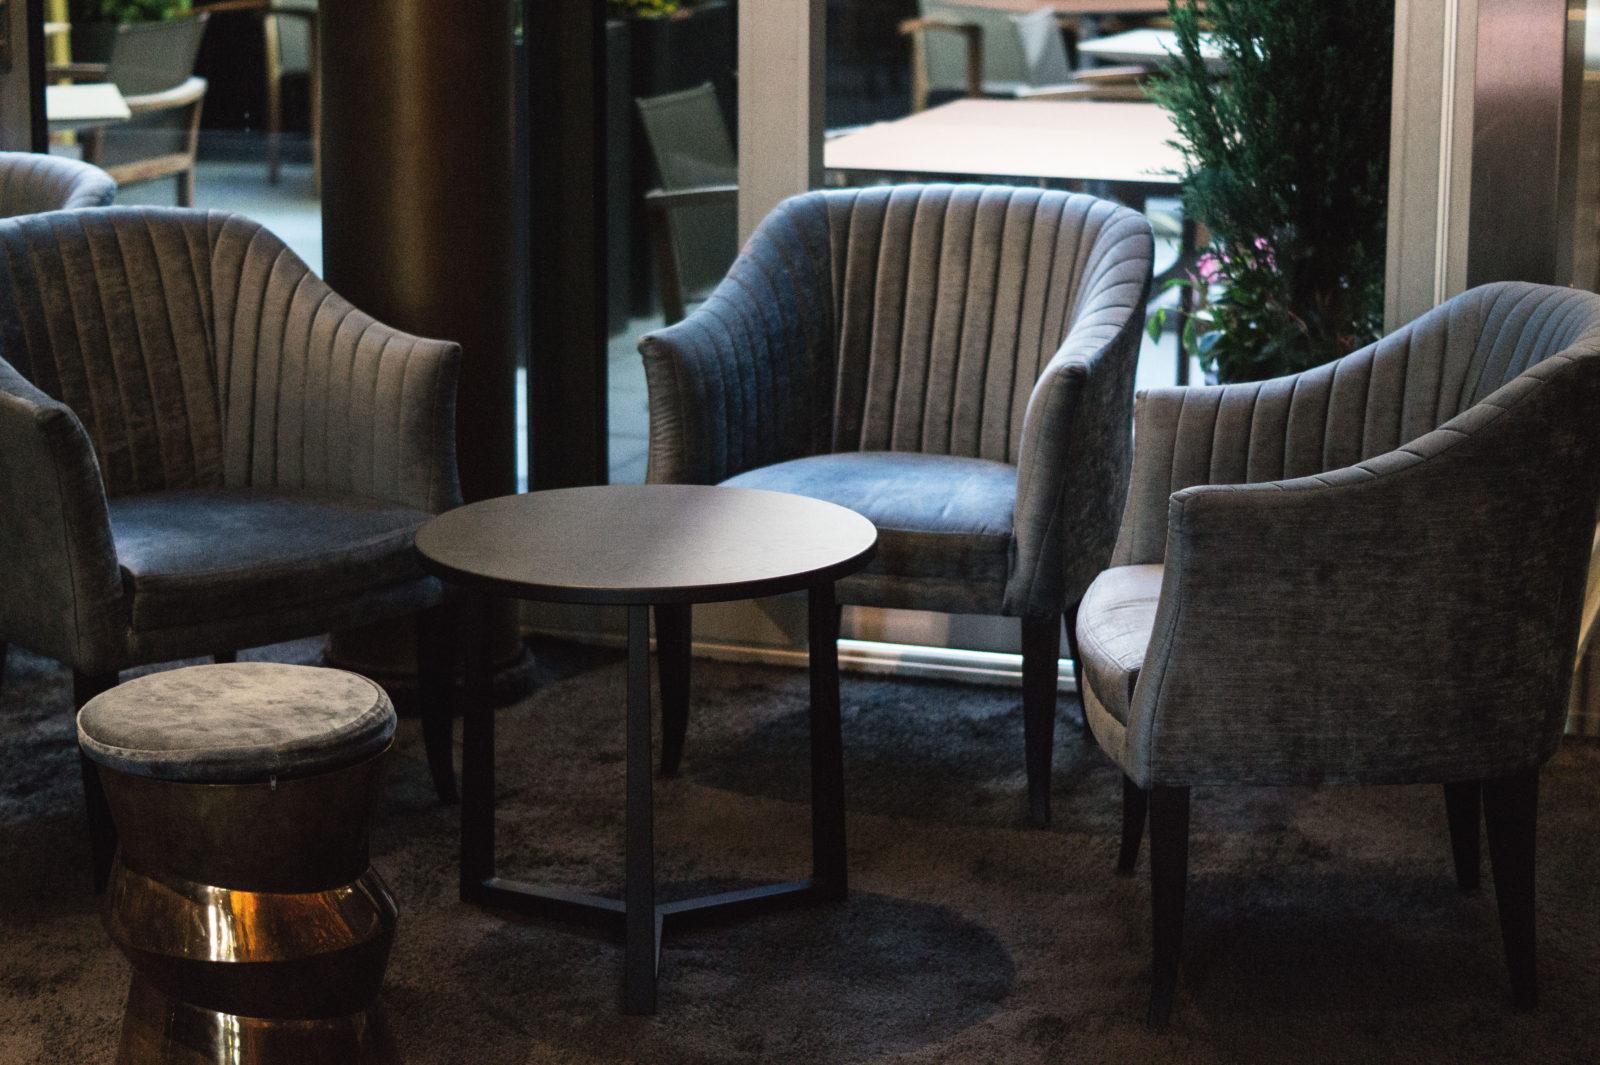 Hotel Review DERAG Livinghotel Viktualienmarkt Sariety Erfahrungsbericht_25